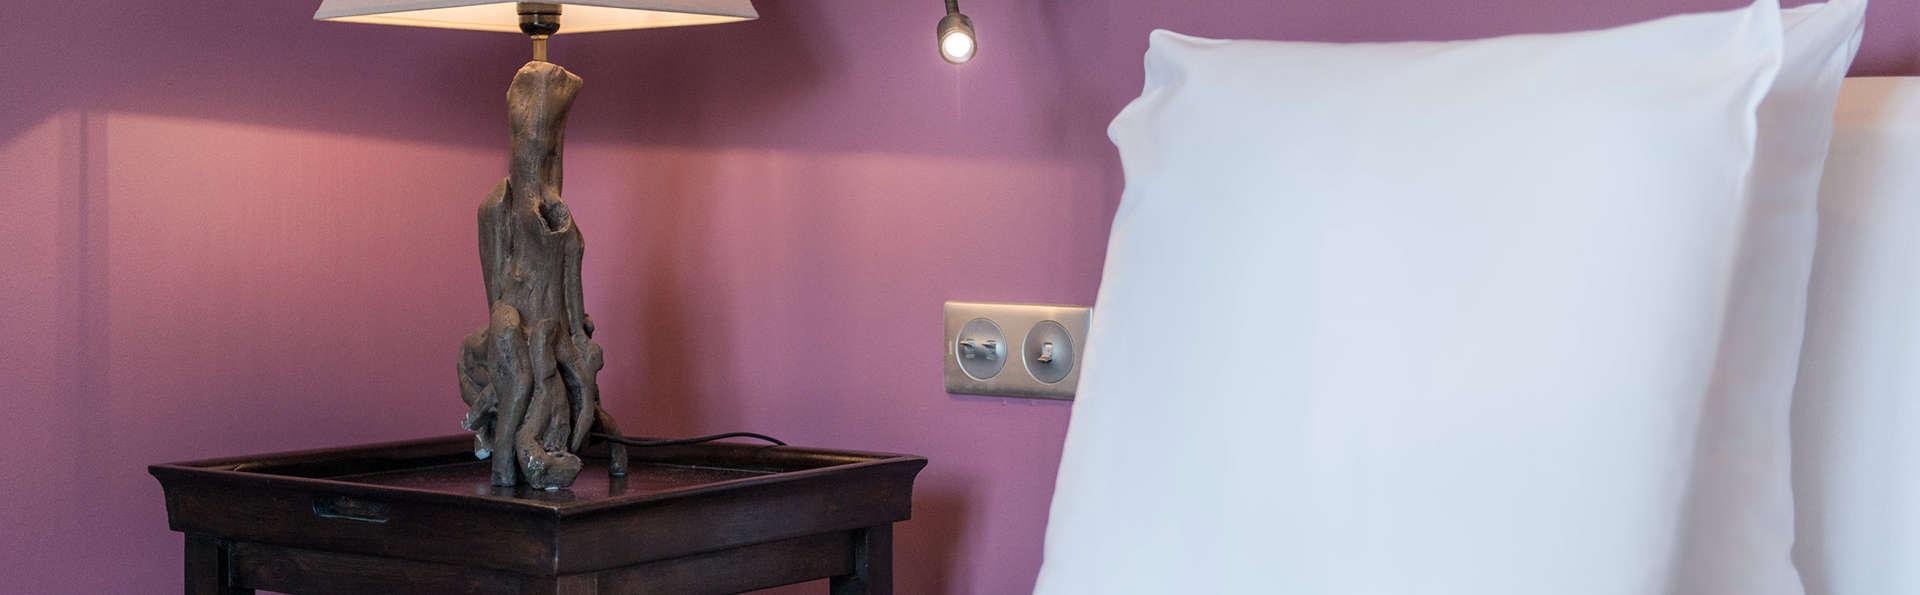 L'Ecu de Bretagne - EDIT_room12.jpg